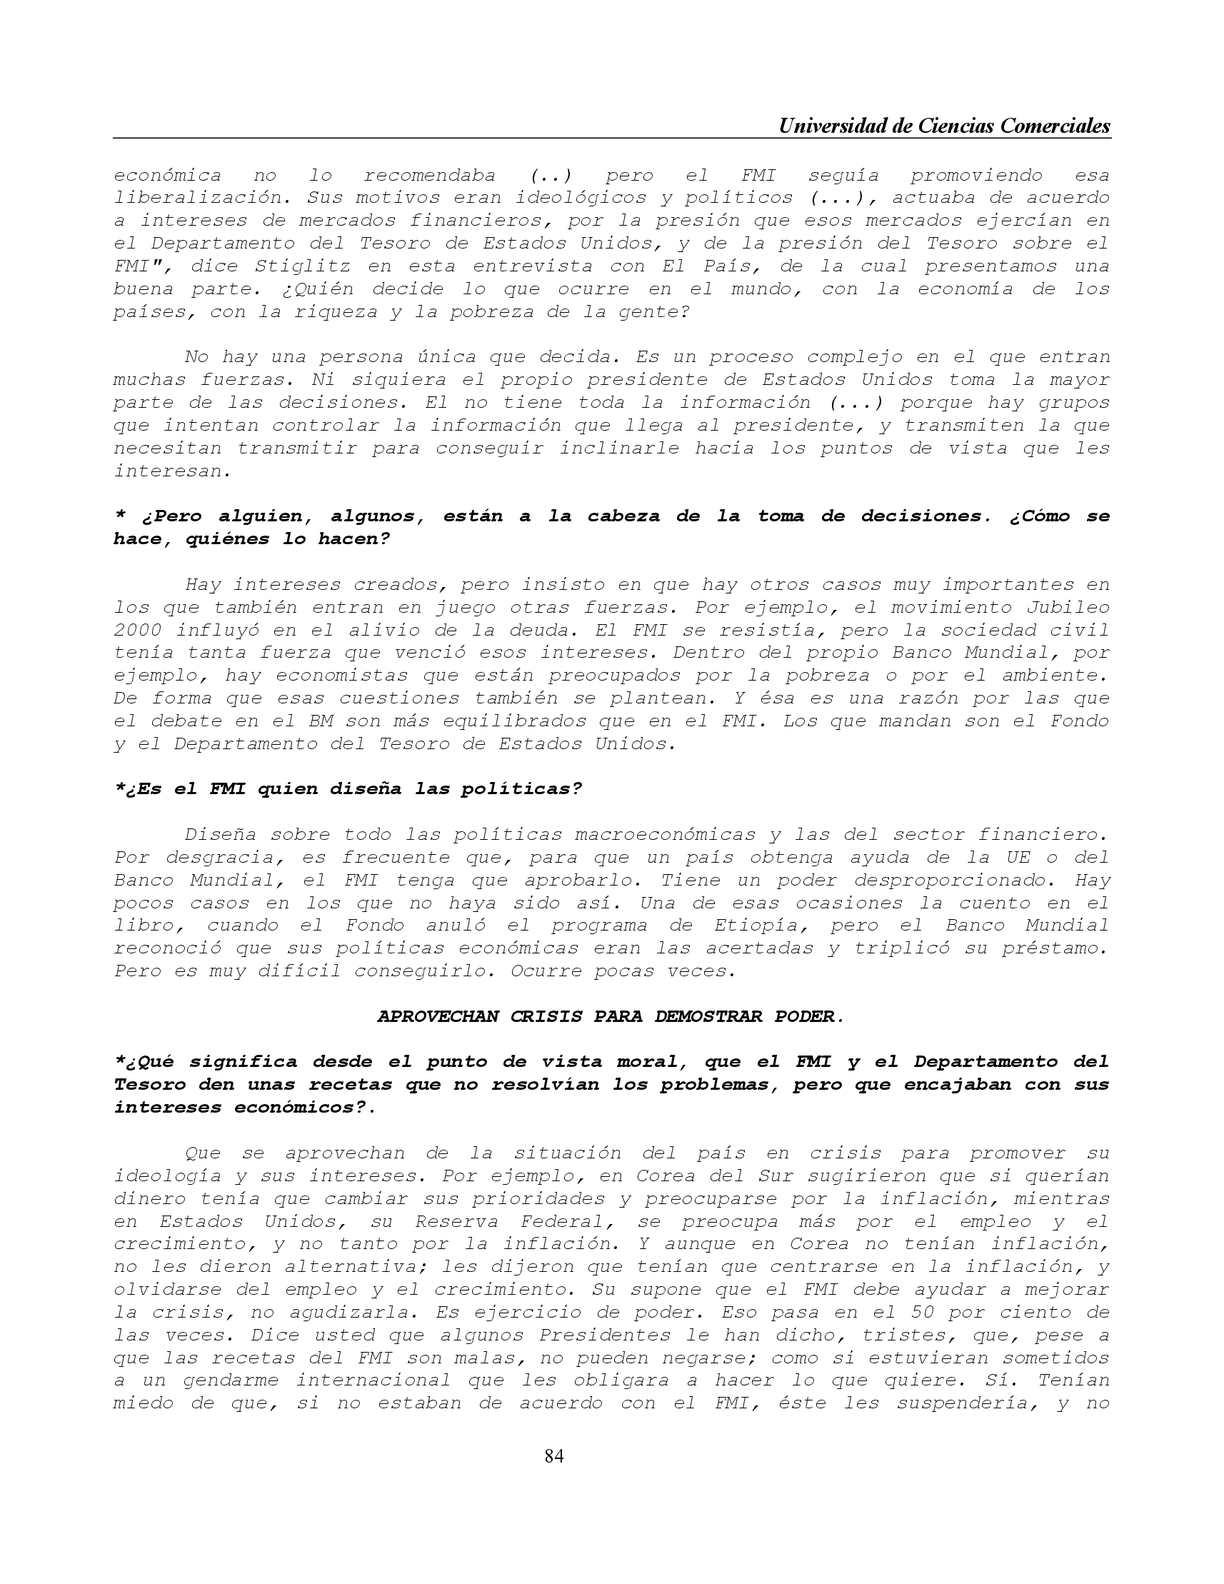 Manual de Sociología - CALAMEO Downloader